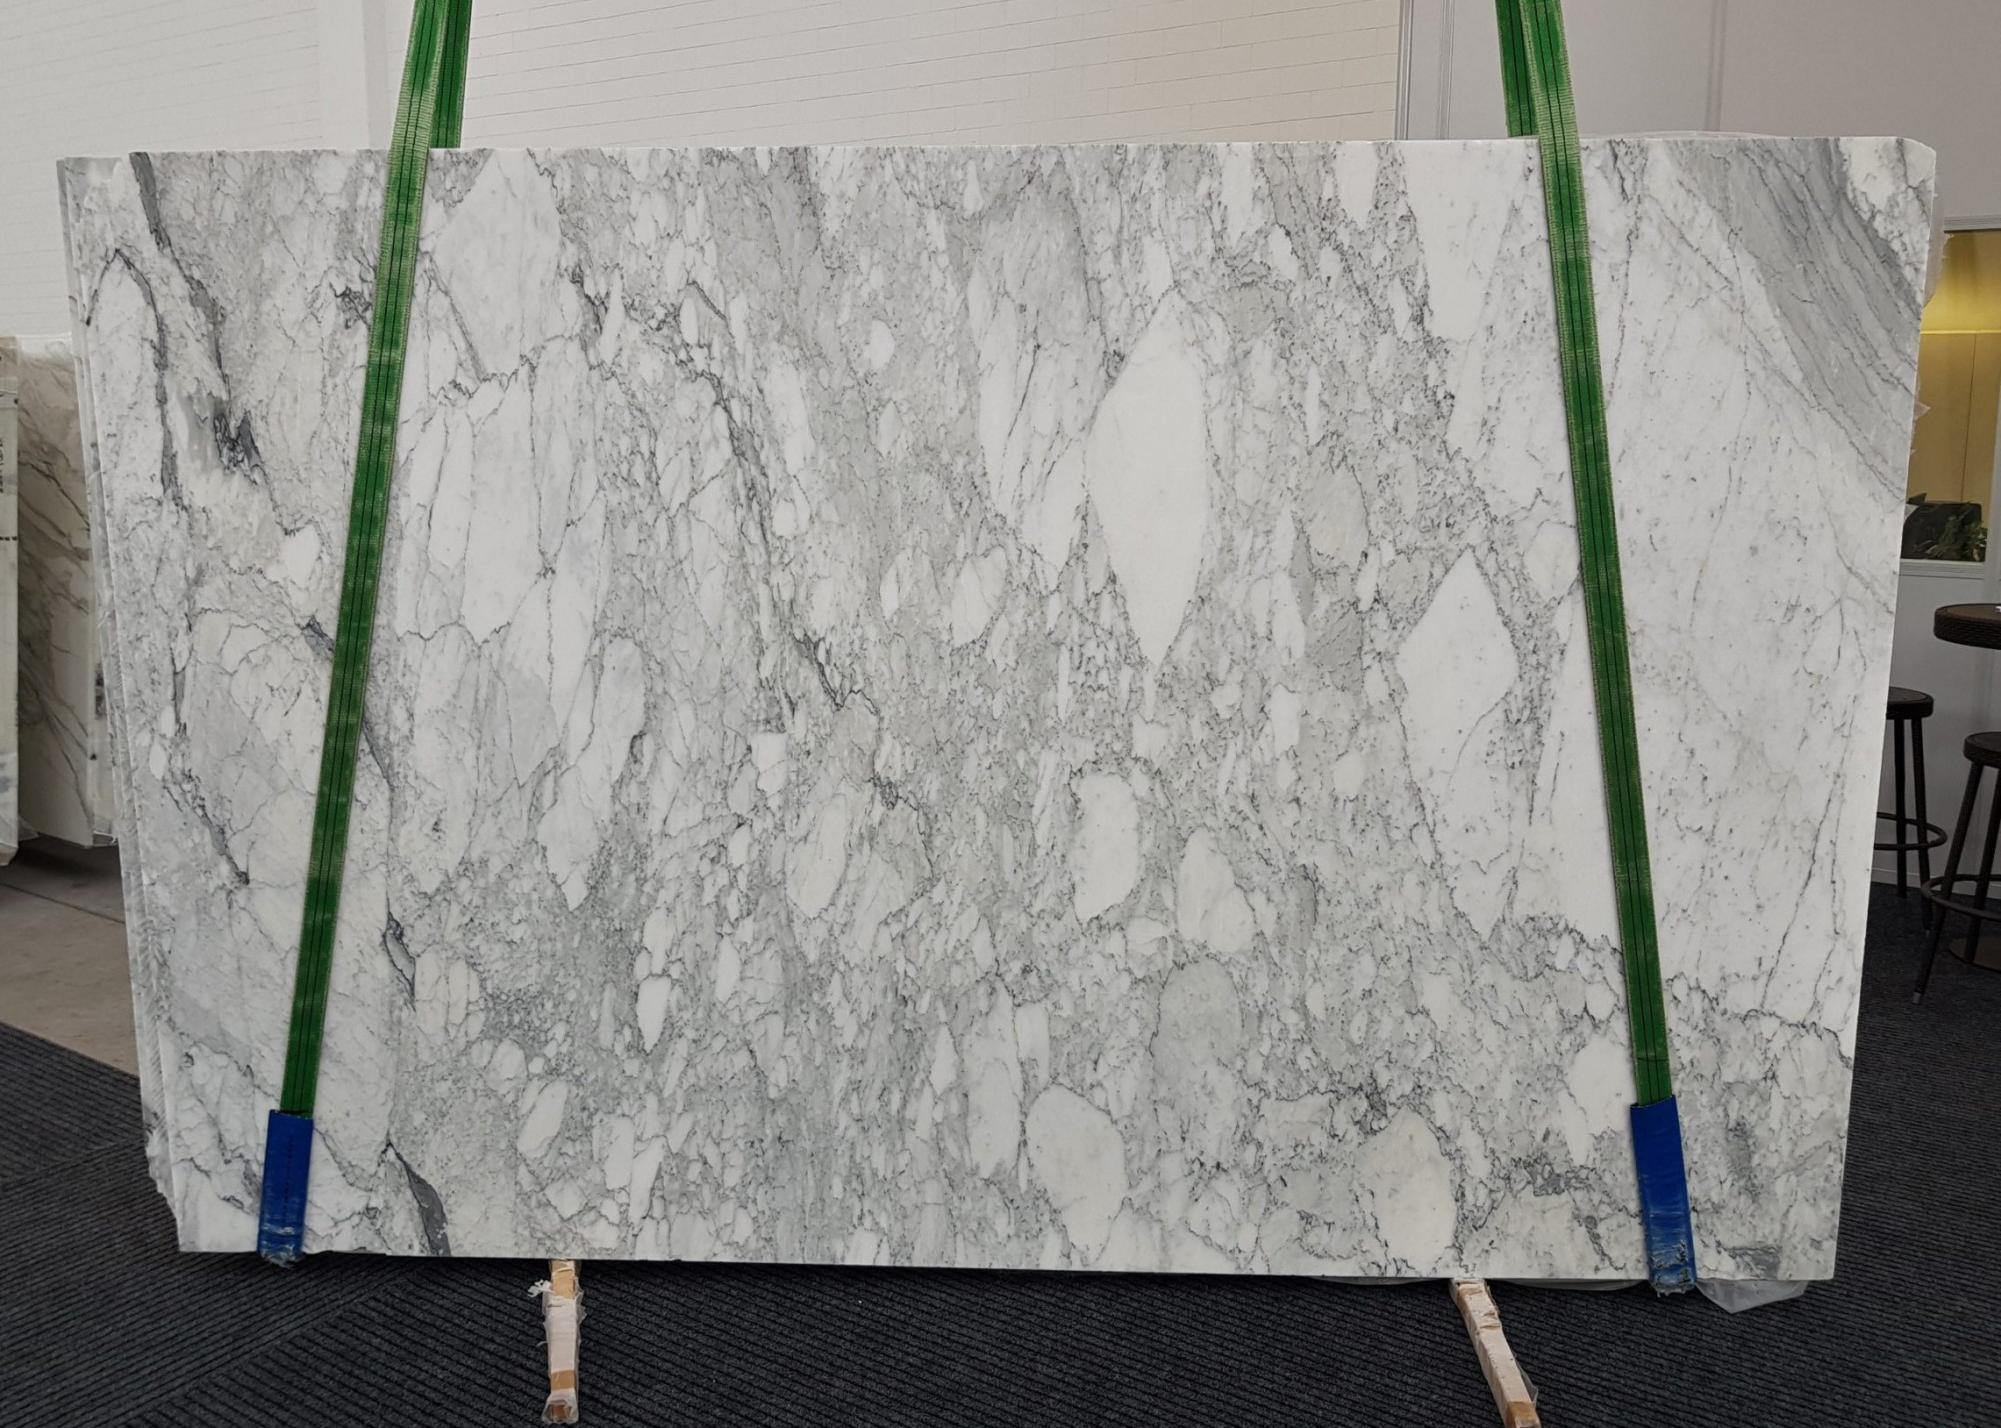 ARABESCATO CARRARA Suministro Veneto (Italia) de planchas pulidas en mármol natural 1116 , Slab #23